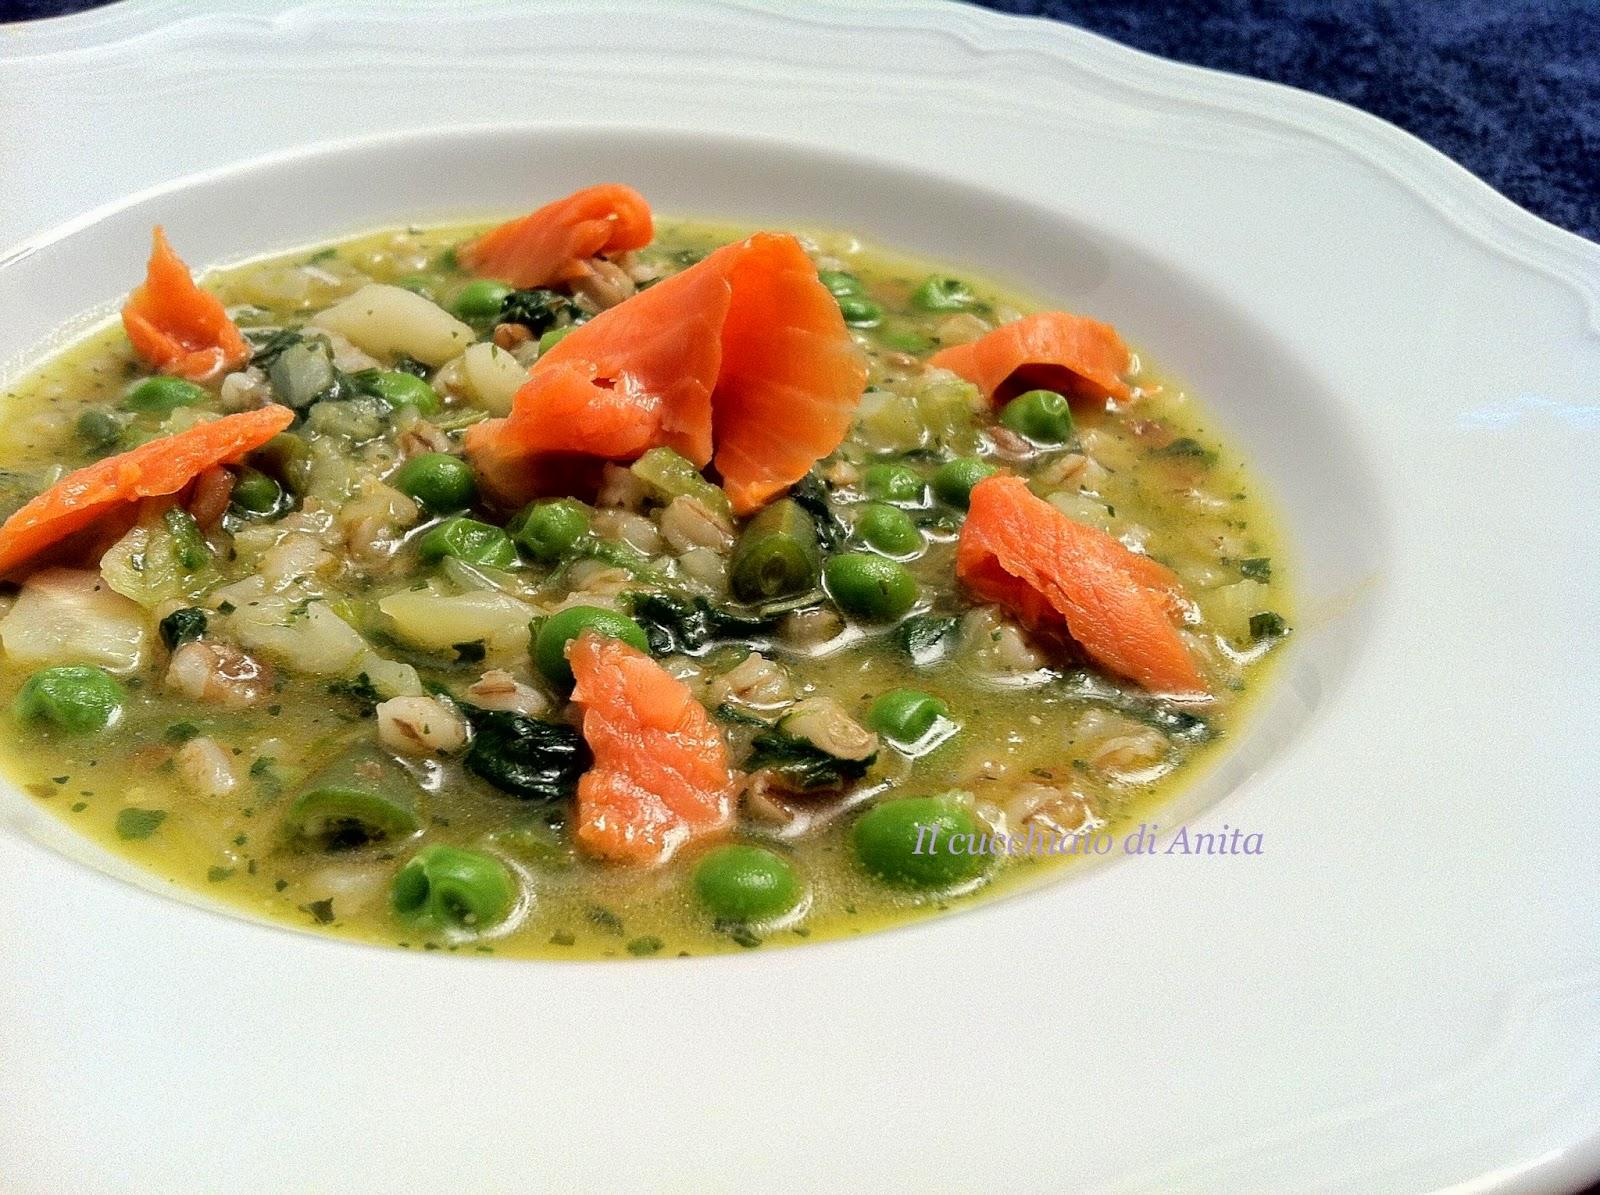 zuppa di legumi affumicata